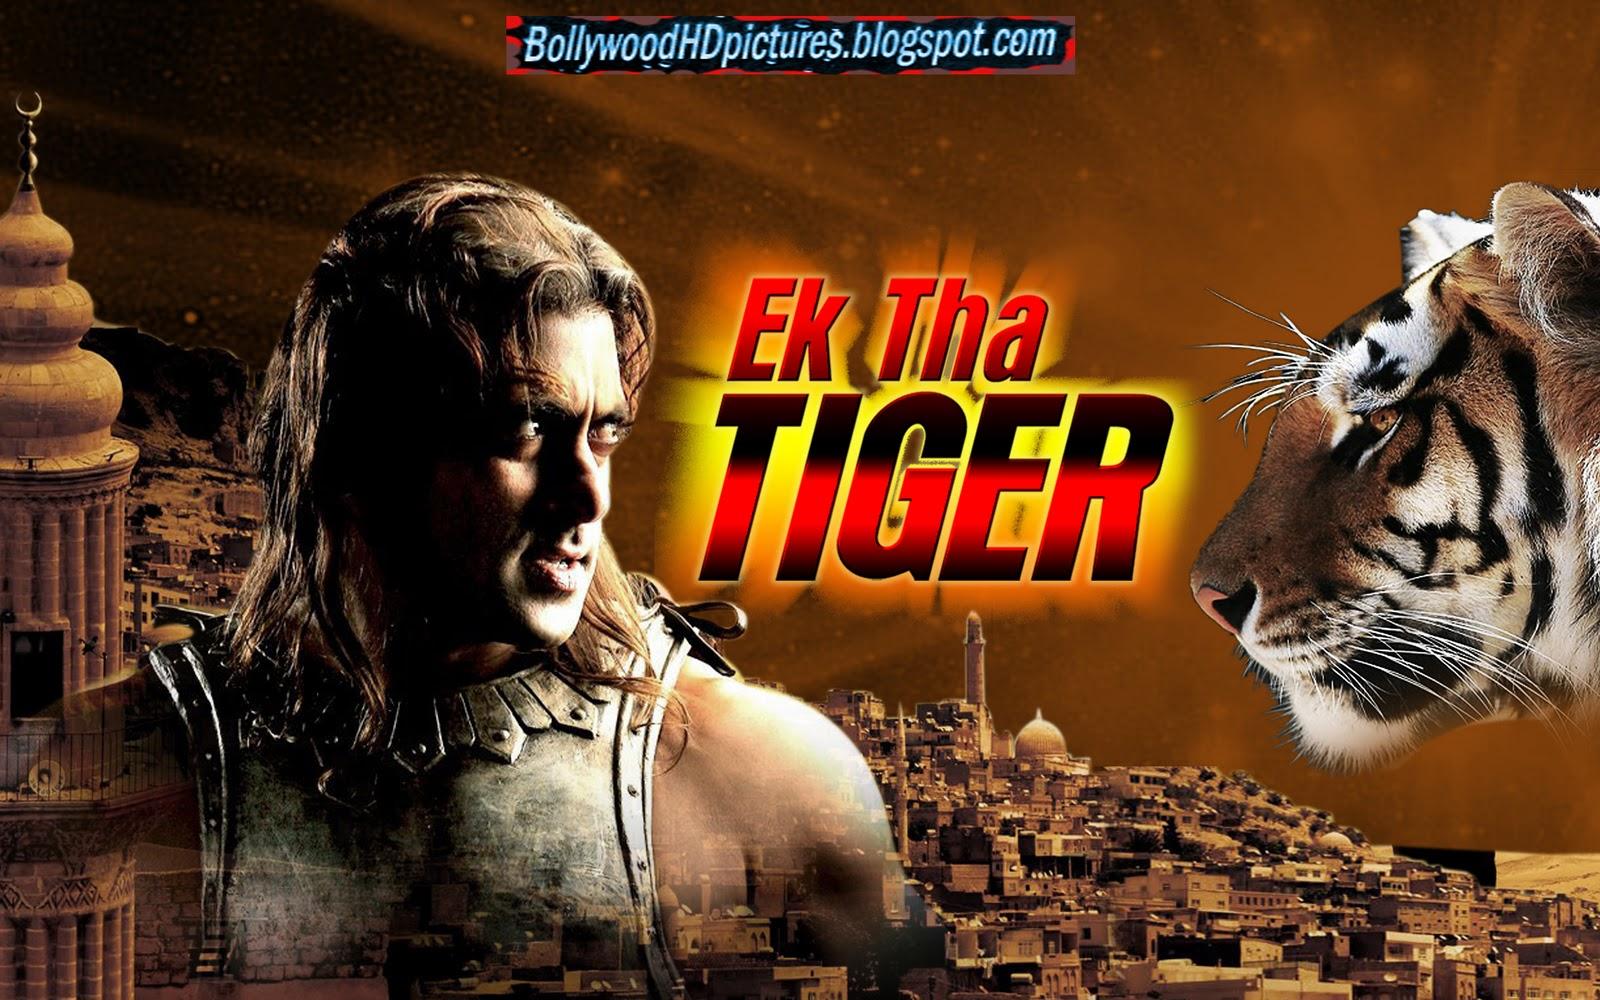 http://3.bp.blogspot.com/-lfNrkypu-3g/UATi8K70g4I/AAAAAAAABWk/hsSZHrss_HE/s1600/Ek+Tha+Tiger18.jpg